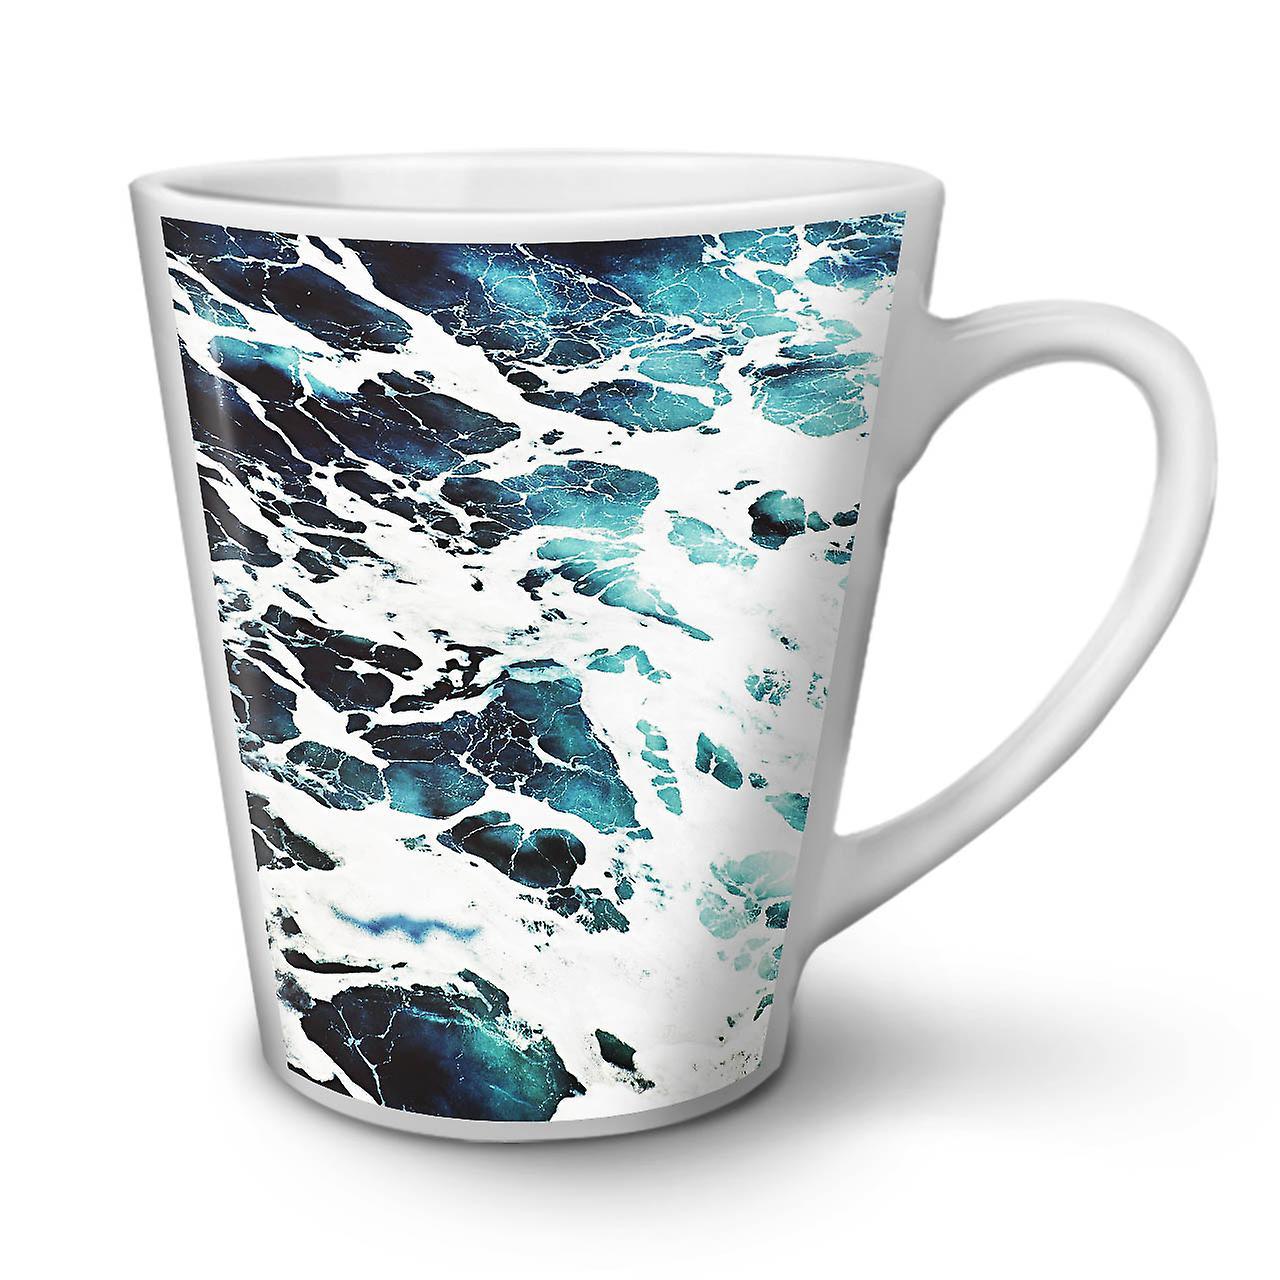 Céramique Belle 12 Vie Tasse Nouvelle En Café Latte Mer Blanche OzWellcoda QxroedBWCE